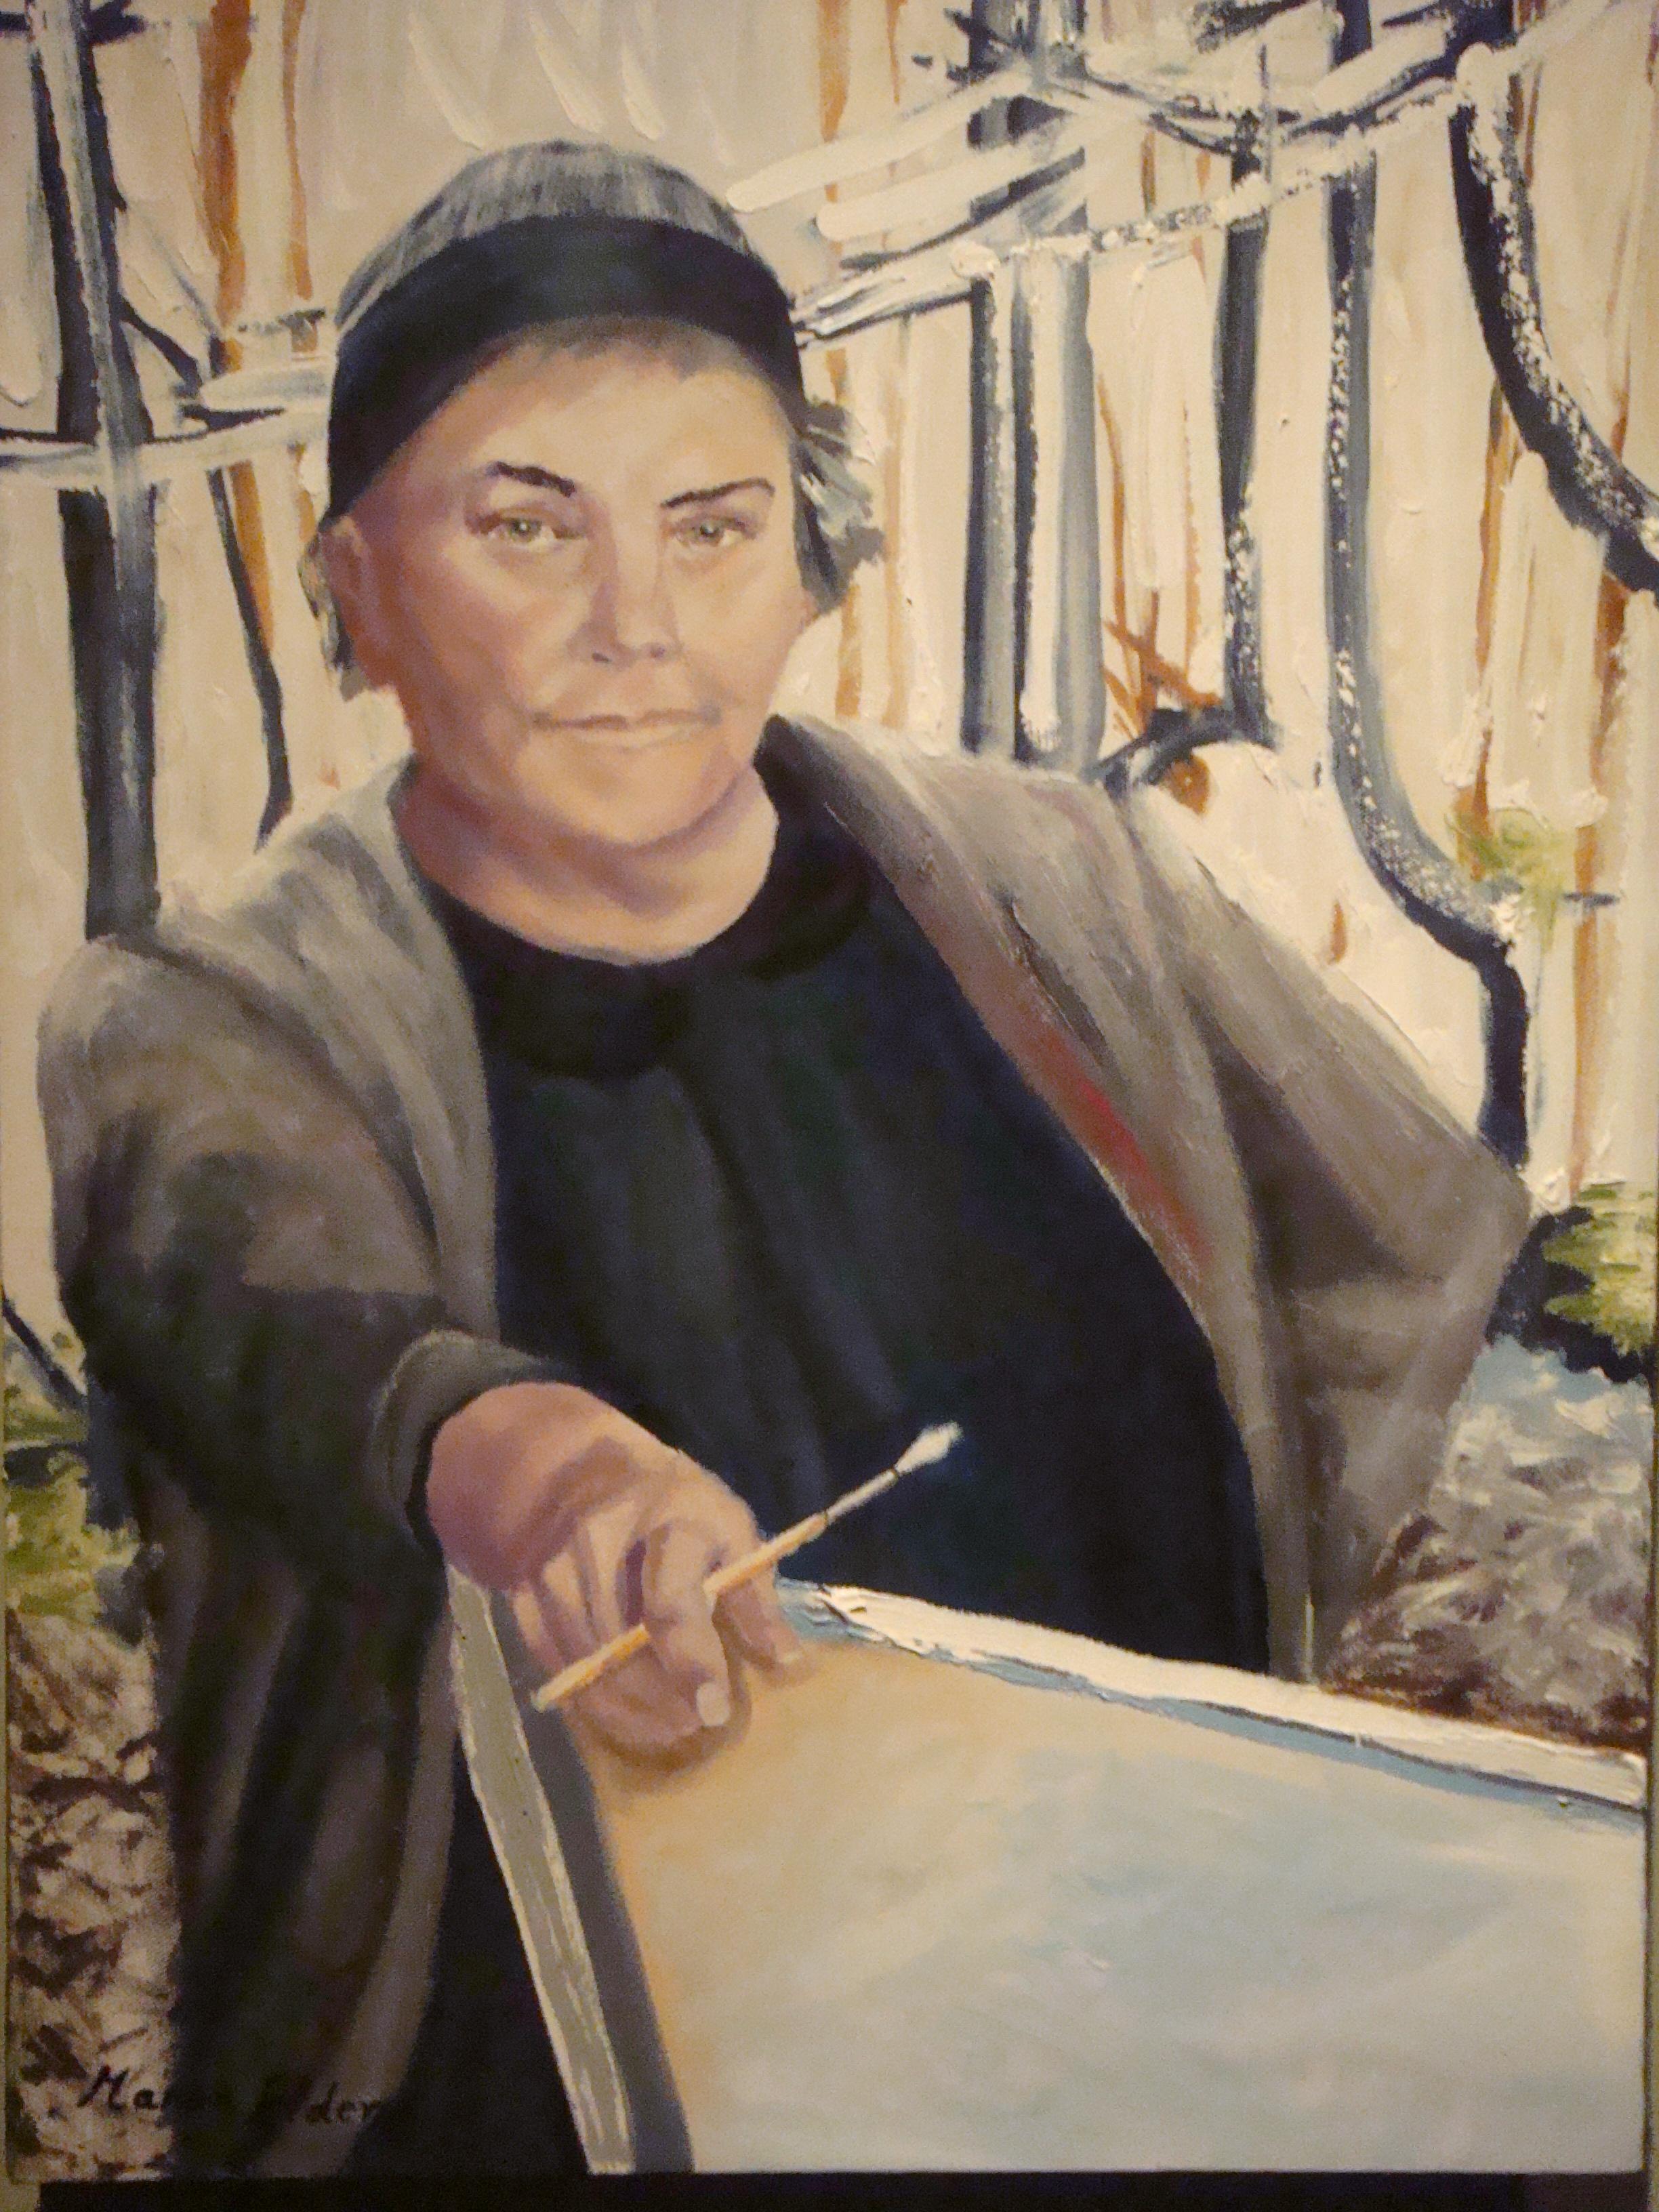 Painting by Marion Elder - photo by Elodie Adams